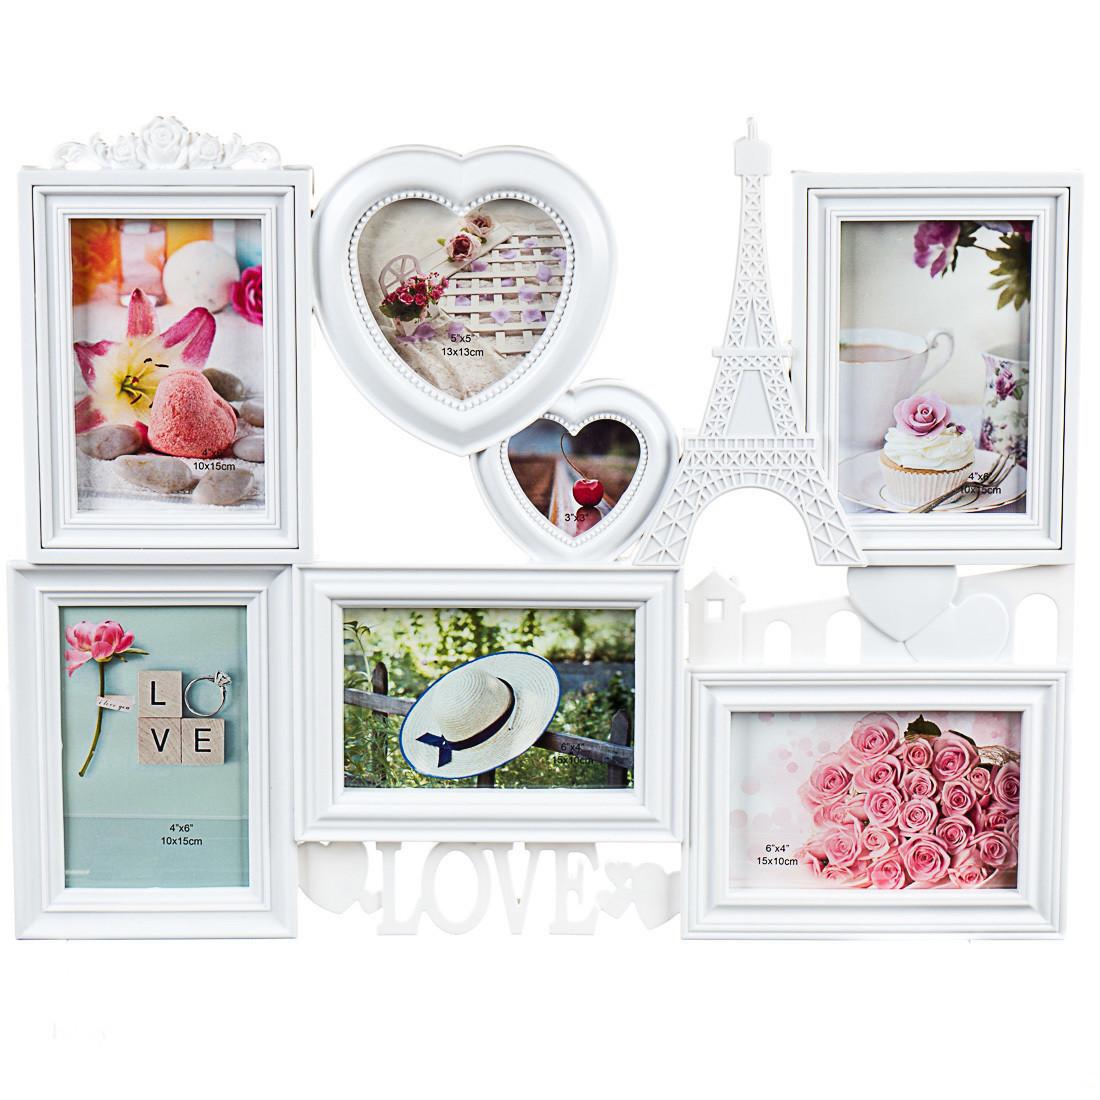 Фото рамка Joys home на 7 фото Love 51*40*2 см (192I/white)